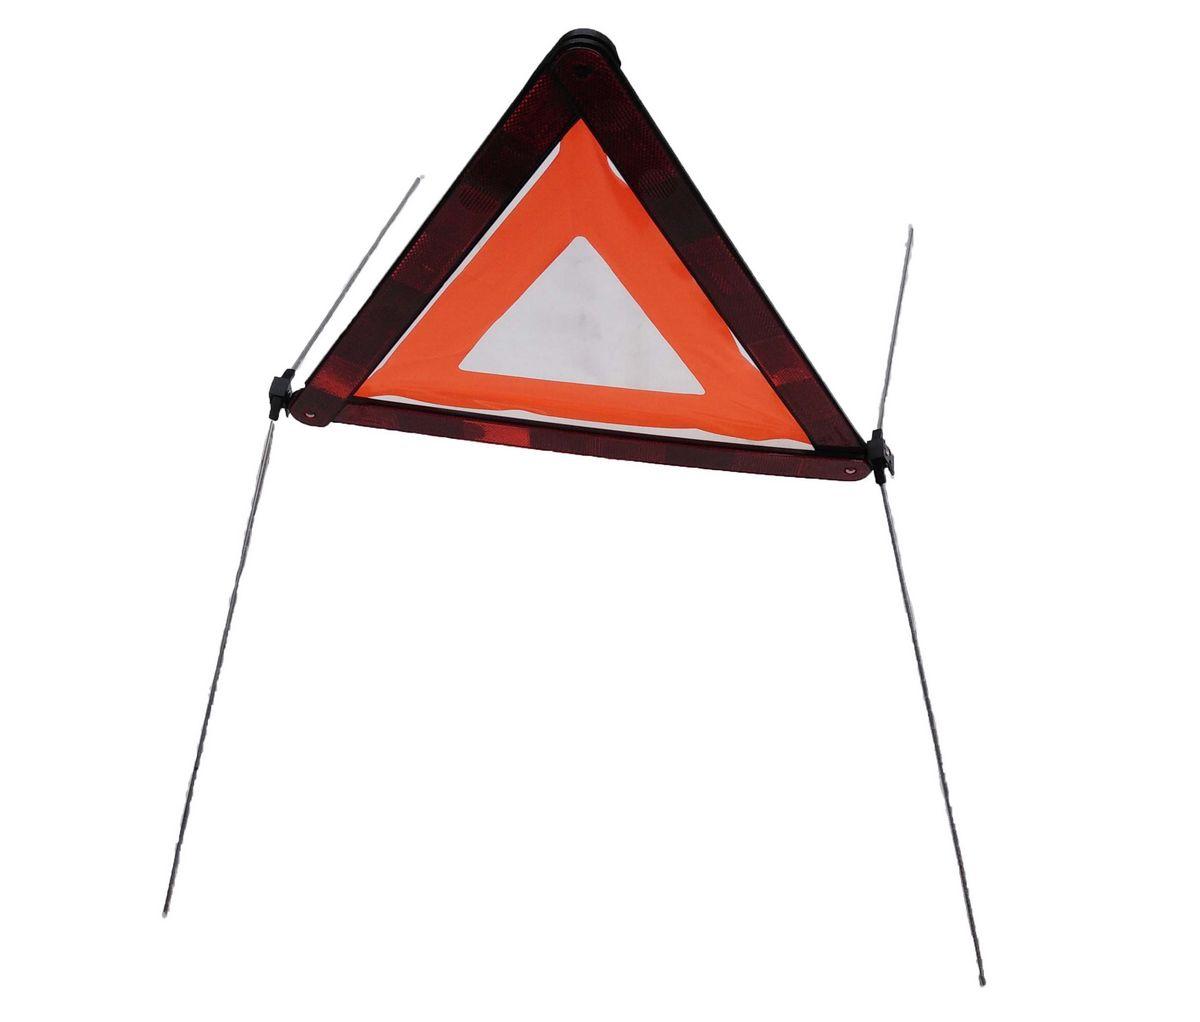 Výstražný trojúhelník do auta - Homologace E